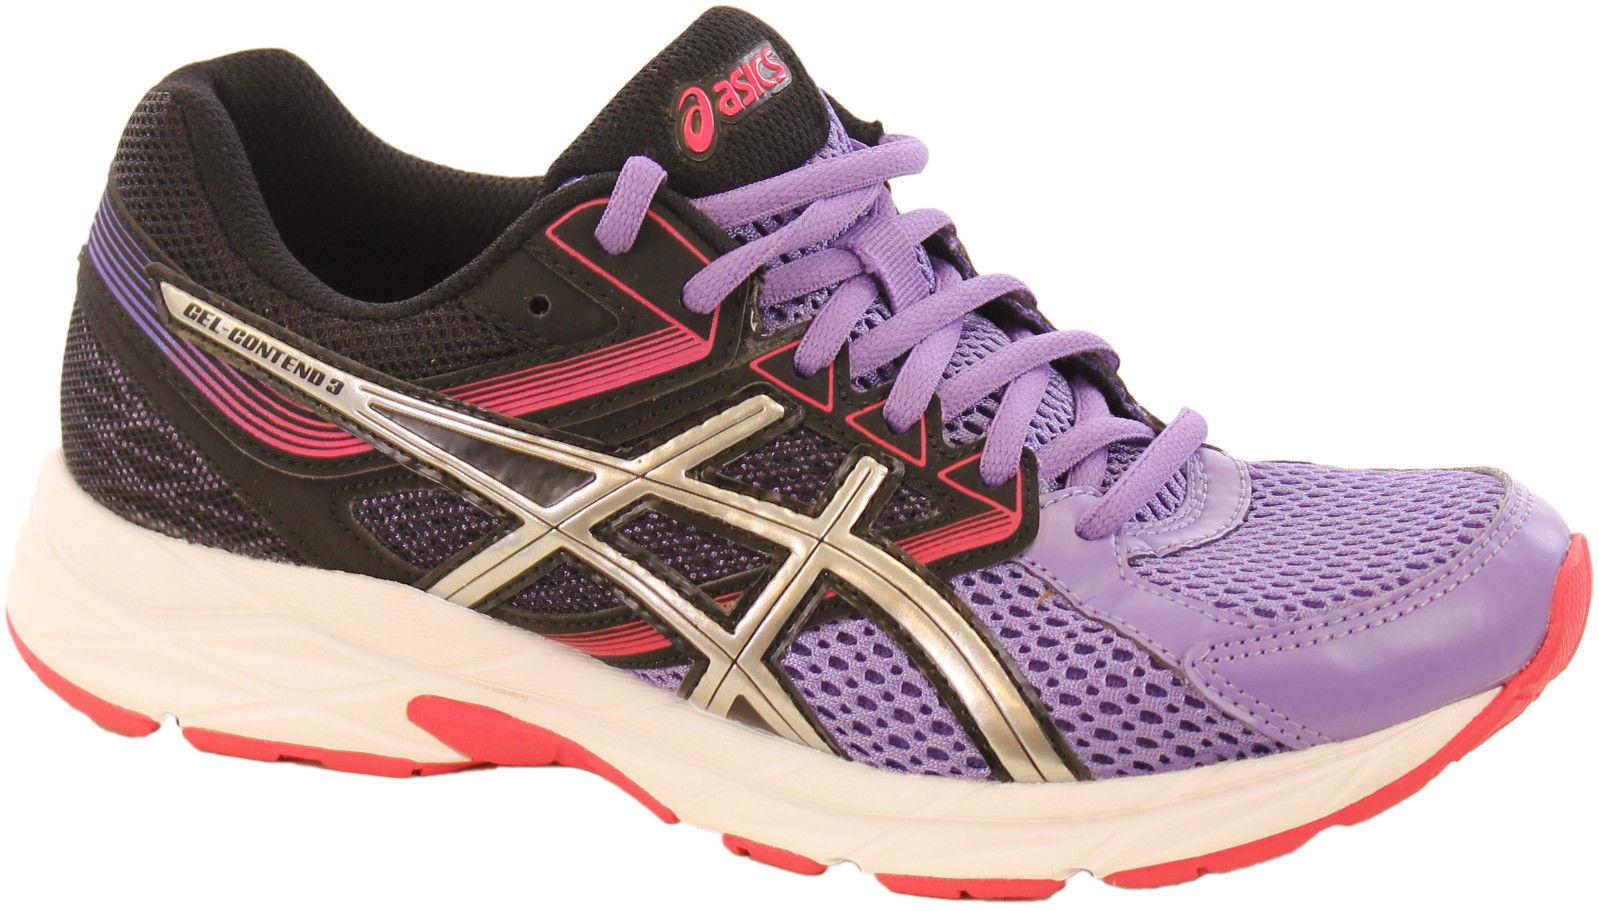 Asics GEL-Contend 3 Schuhe Laufschuhe Sportschuhe Sneaker Damenschuhe Running